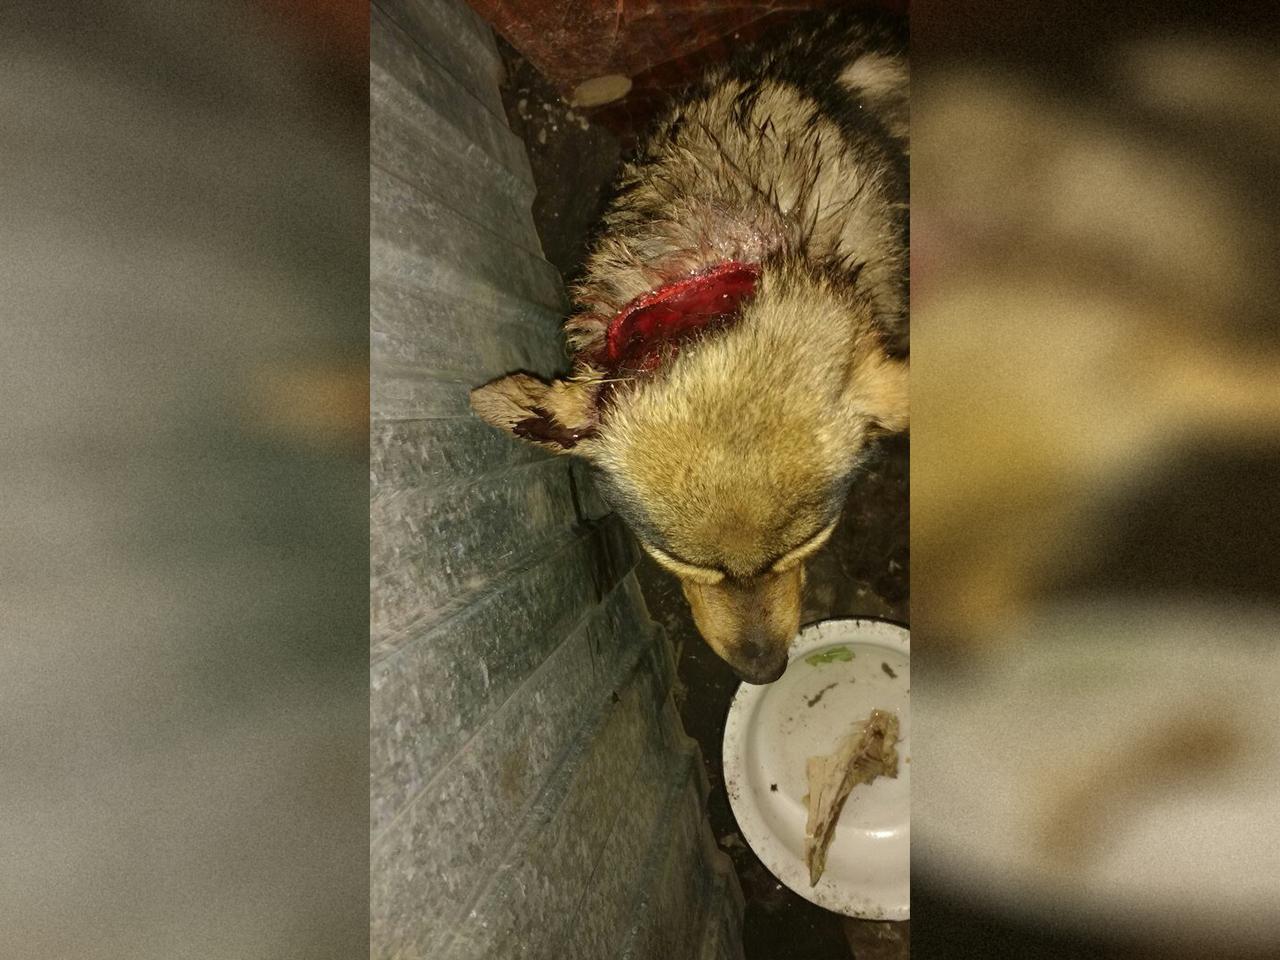 Об очередном случае жестокого обращения с животными в Чебаркульском районе написала в социальных